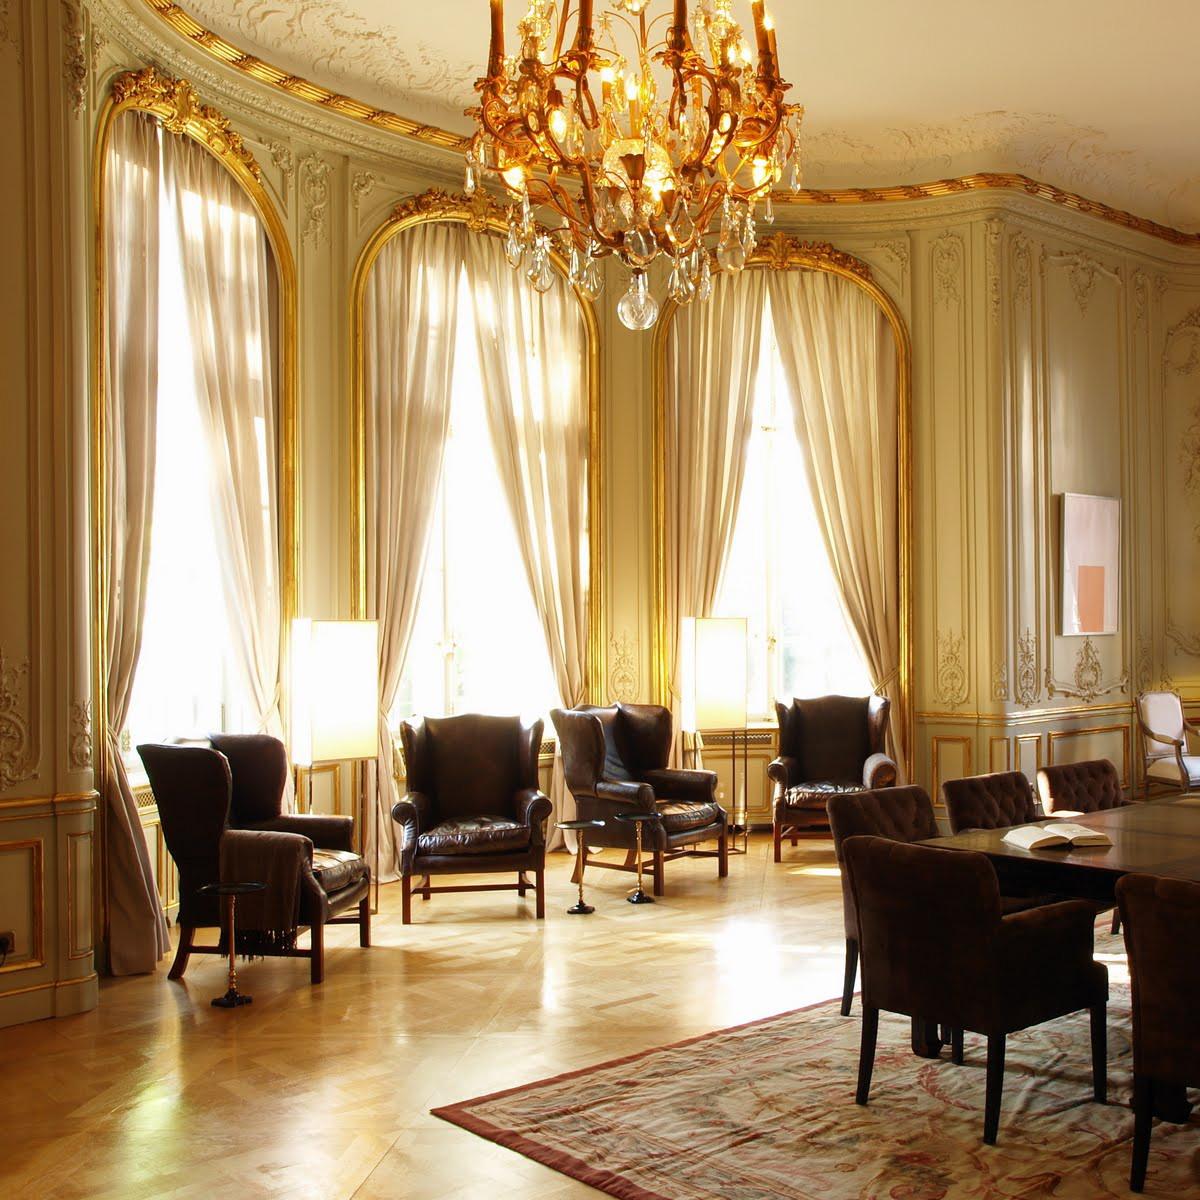 schlosshotel grunewald verwunschener ort im gr nen berlin creme guides. Black Bedroom Furniture Sets. Home Design Ideas